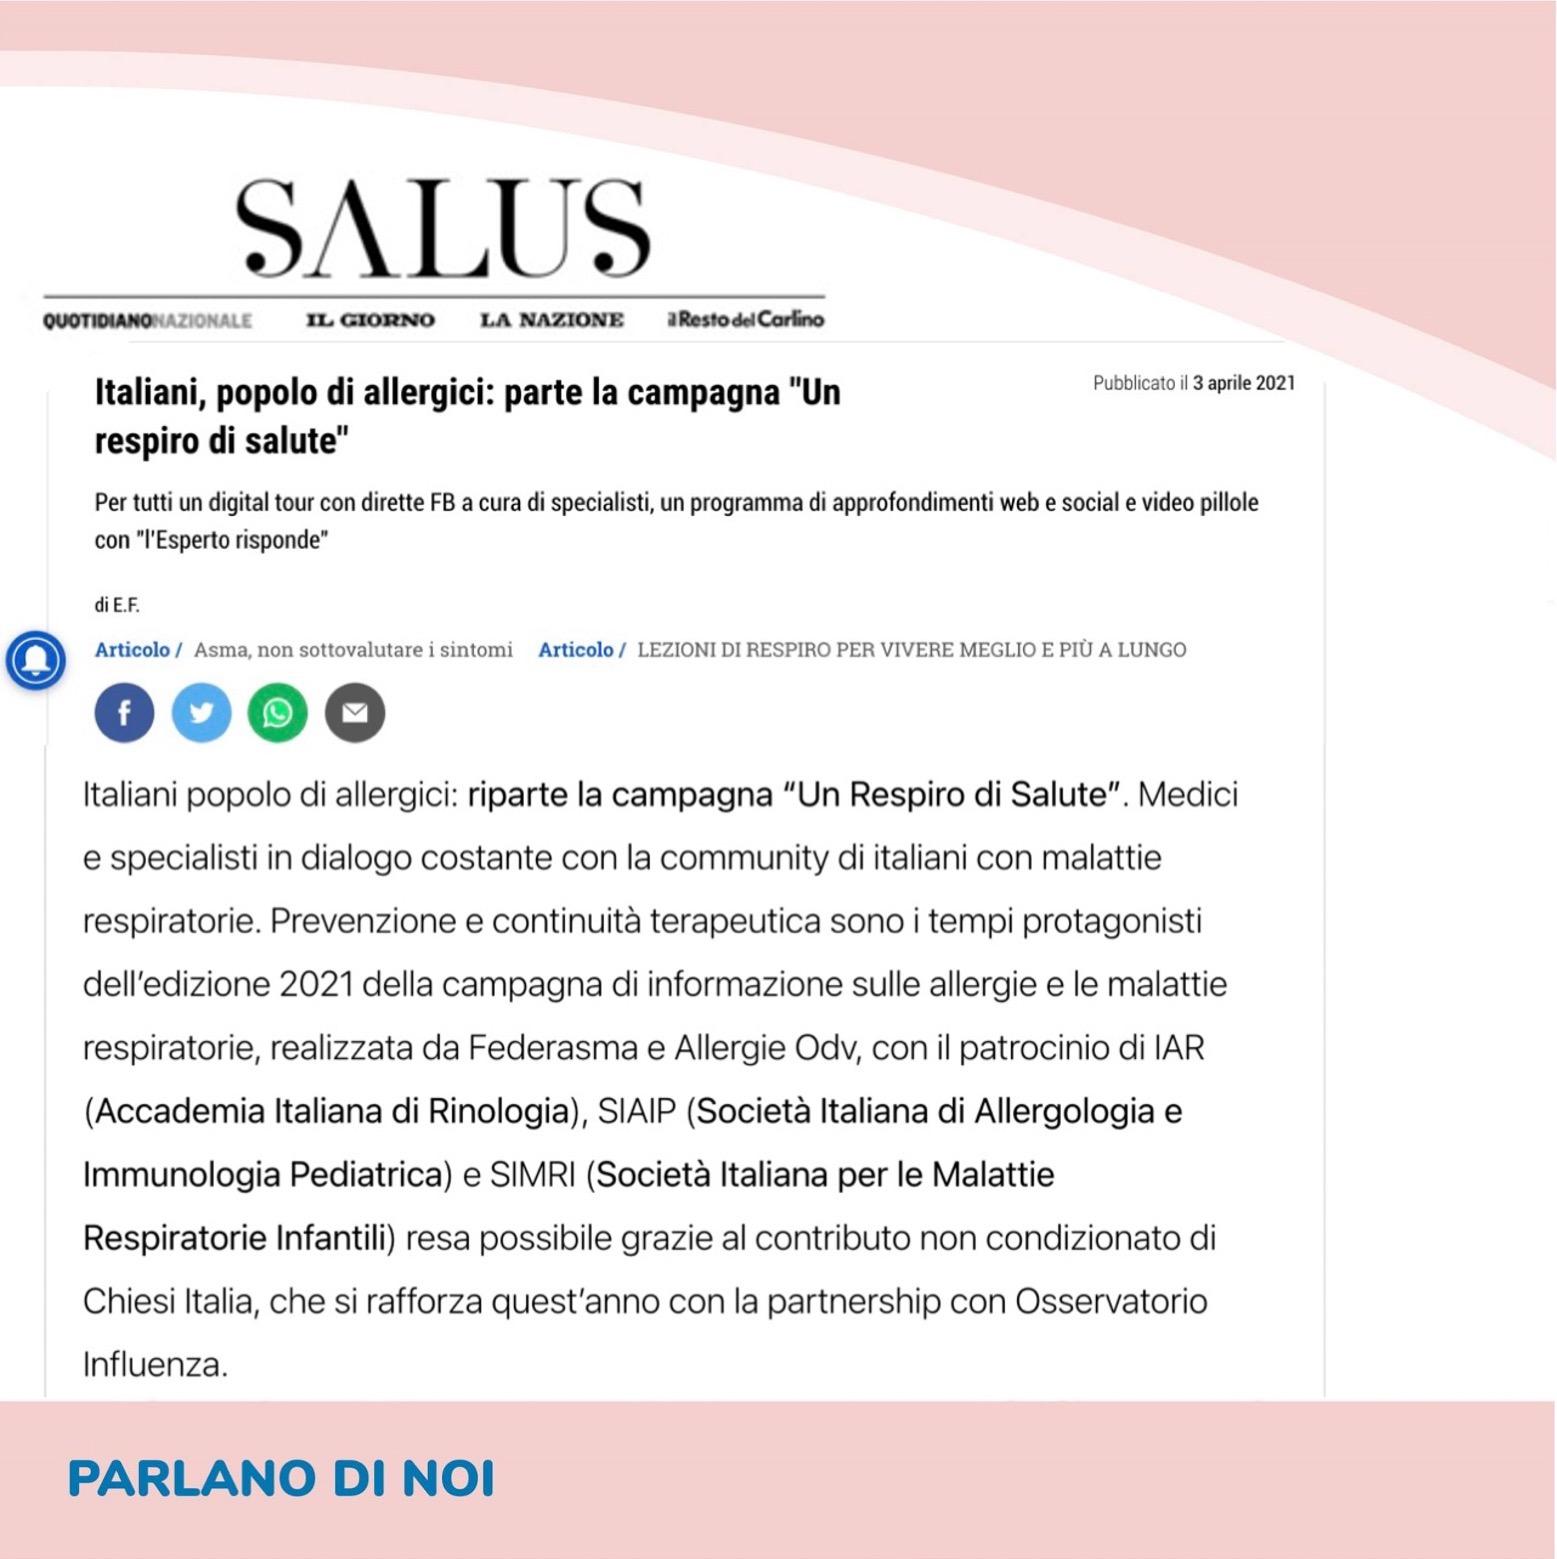 SALUS QuotidianoNazionale IL GIORNO LA NAZIONE Il Resto del Carlino